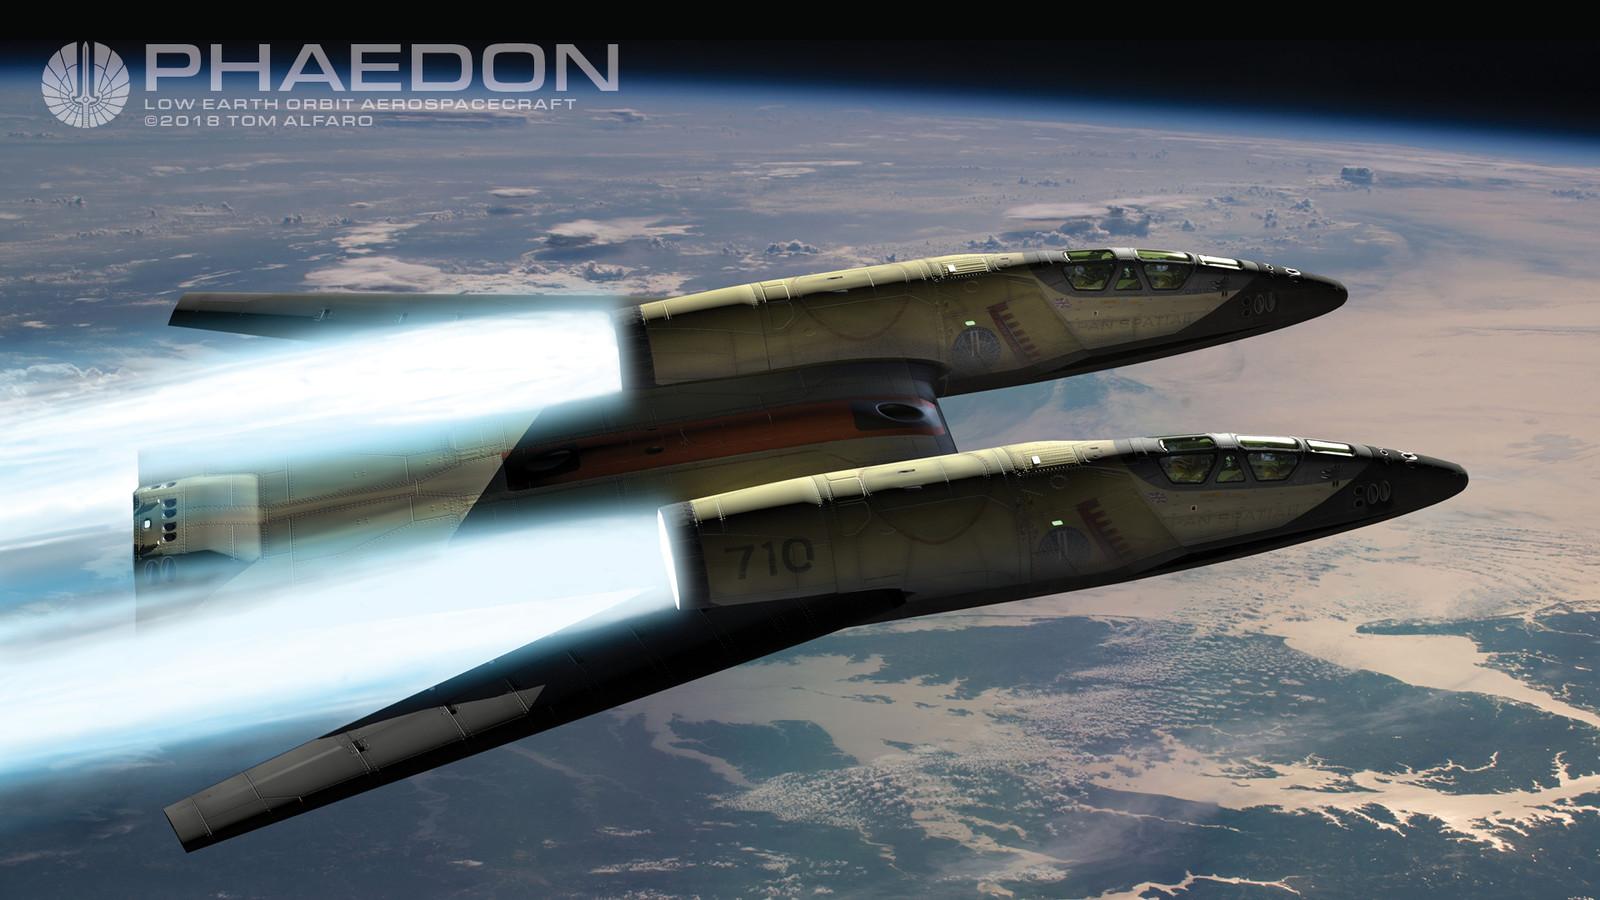 Phaedon Img 3